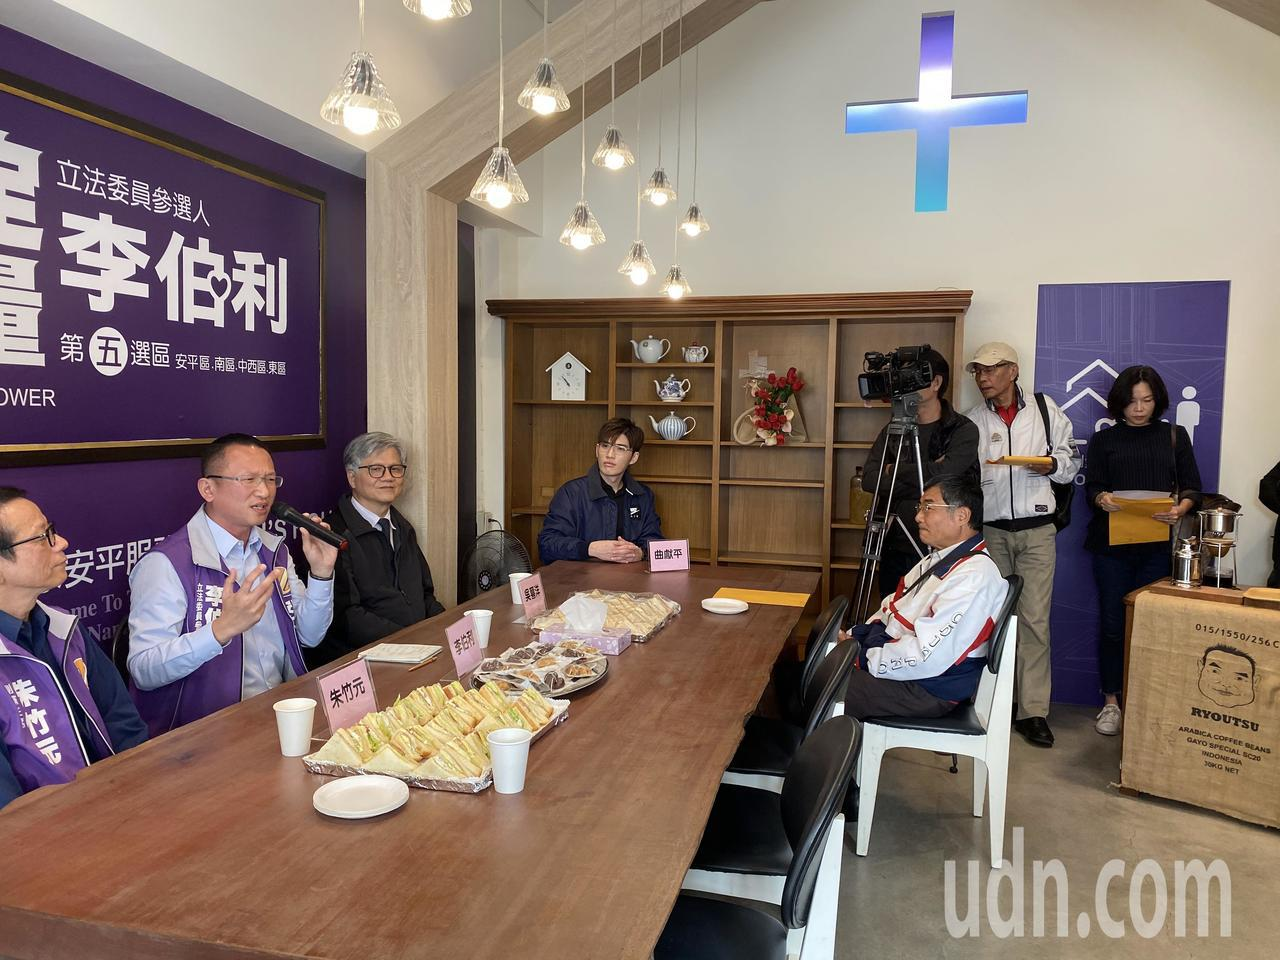 安定力量推舉參選台南市第5選區立委的李伯利安平服務處啟用,像是教會的聚會場所。記...